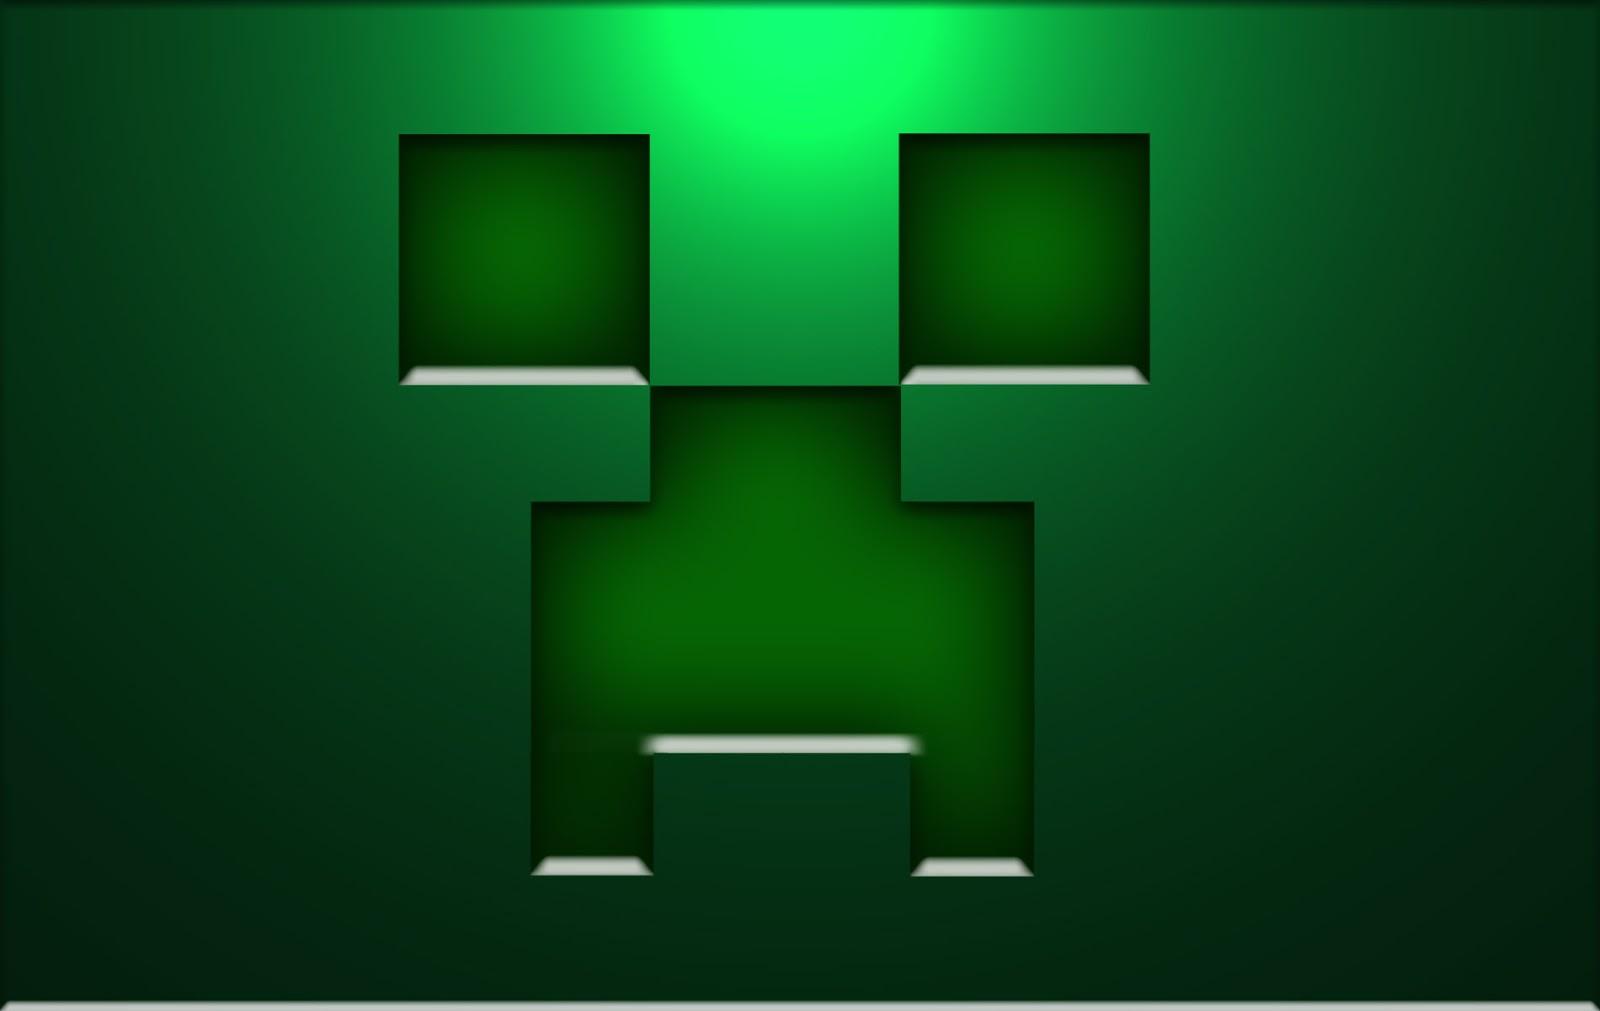 マイクラ壁紙集めてみたー Part 2 ゼリオブロックシステム